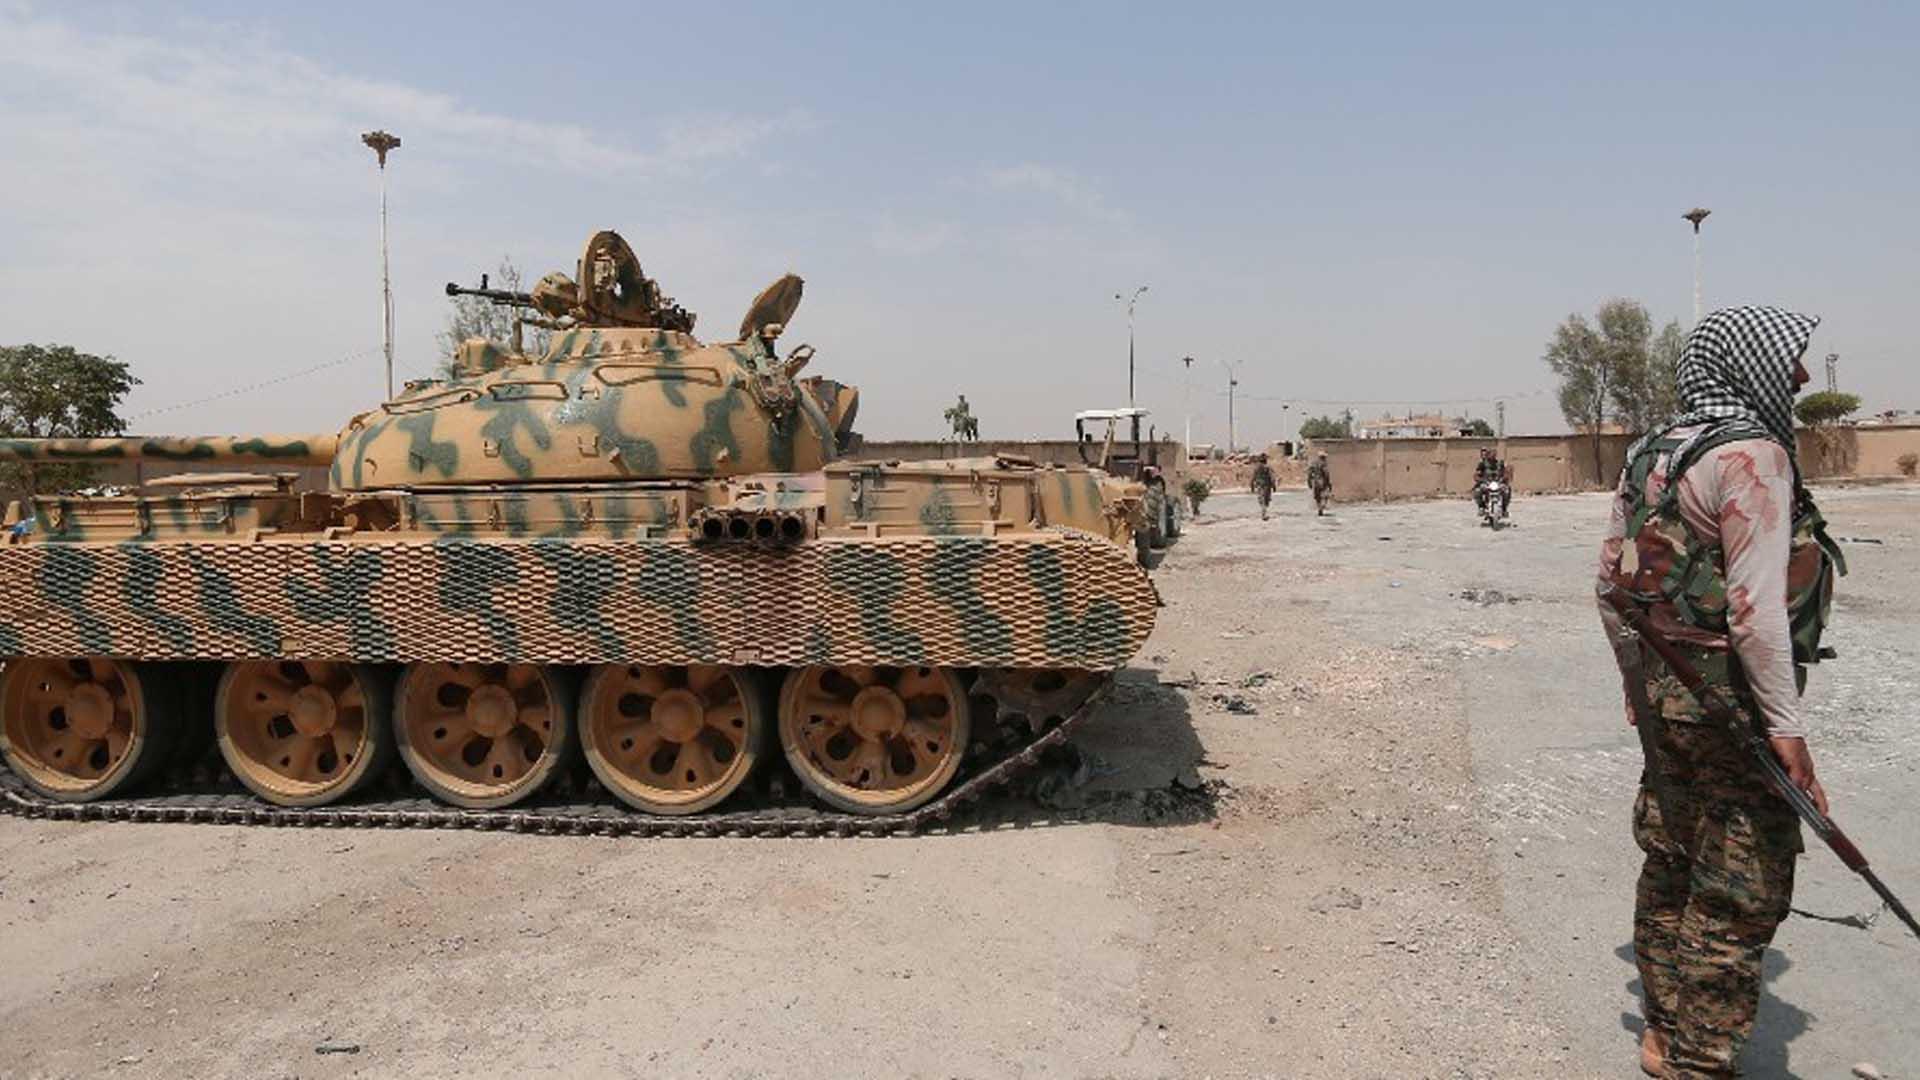 هل يشتبك النظام السوري مع قوات سوريا الديمقراطية؟